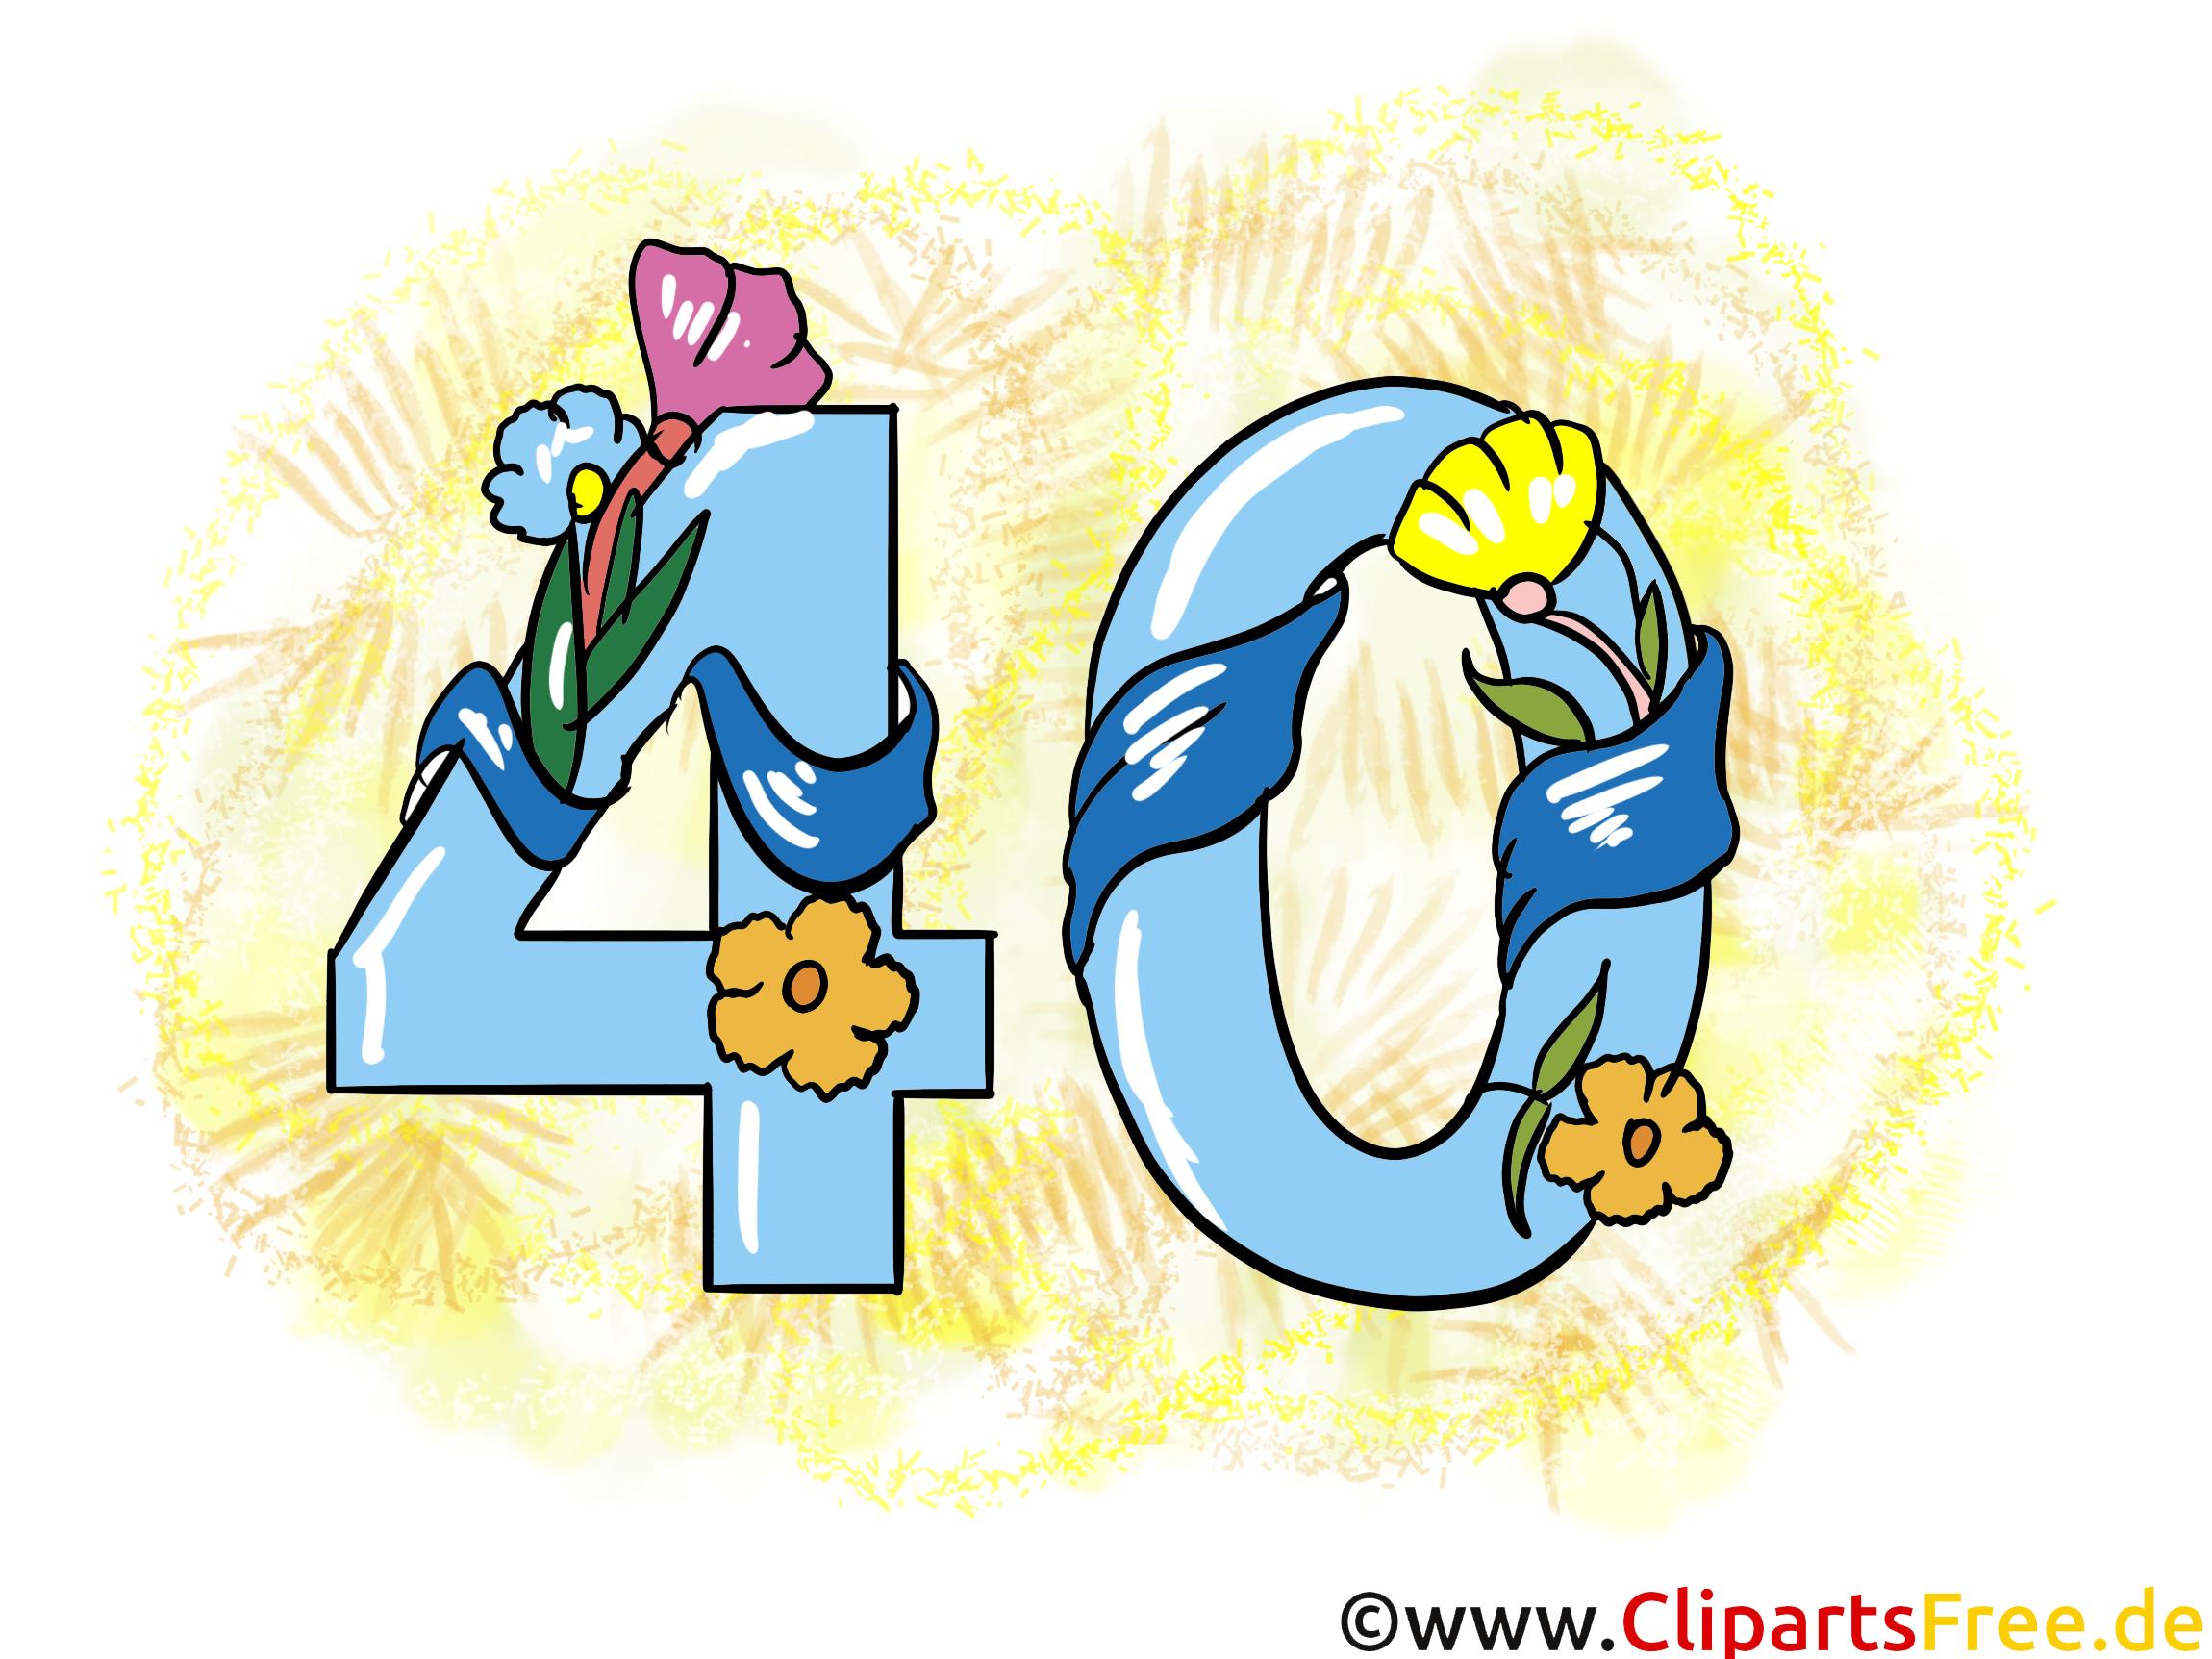 jubiläum bilder, cliparts, cartoons, grafiken, illustrationen, Einladung